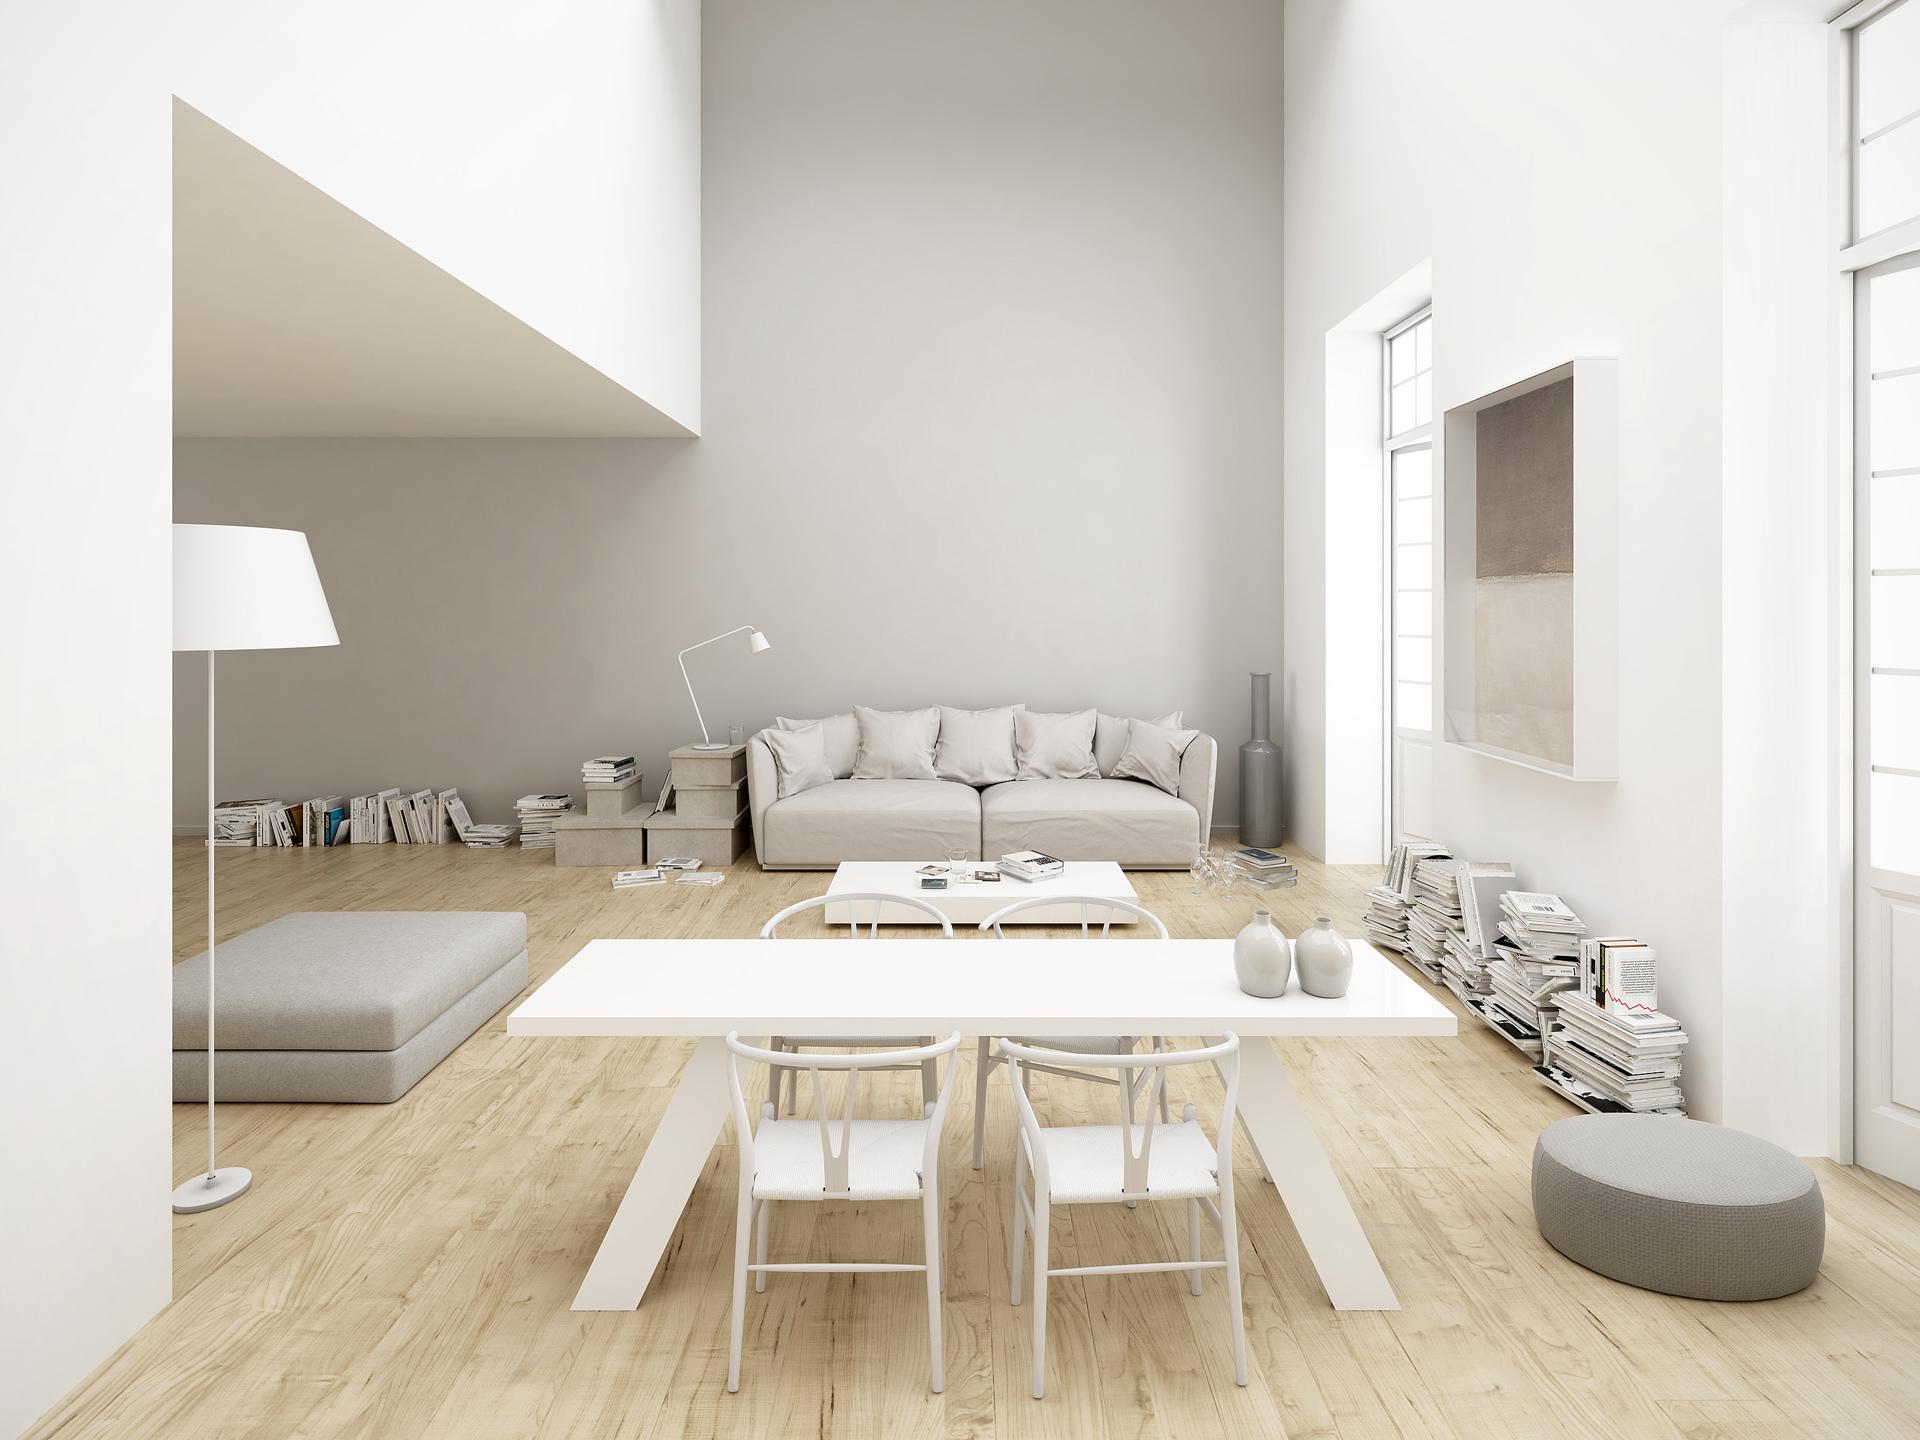 rendering fotorealistico del soggiorno della casa di Andrea, Chiara e Sofia progettato da Francesco Aureli a Perugia